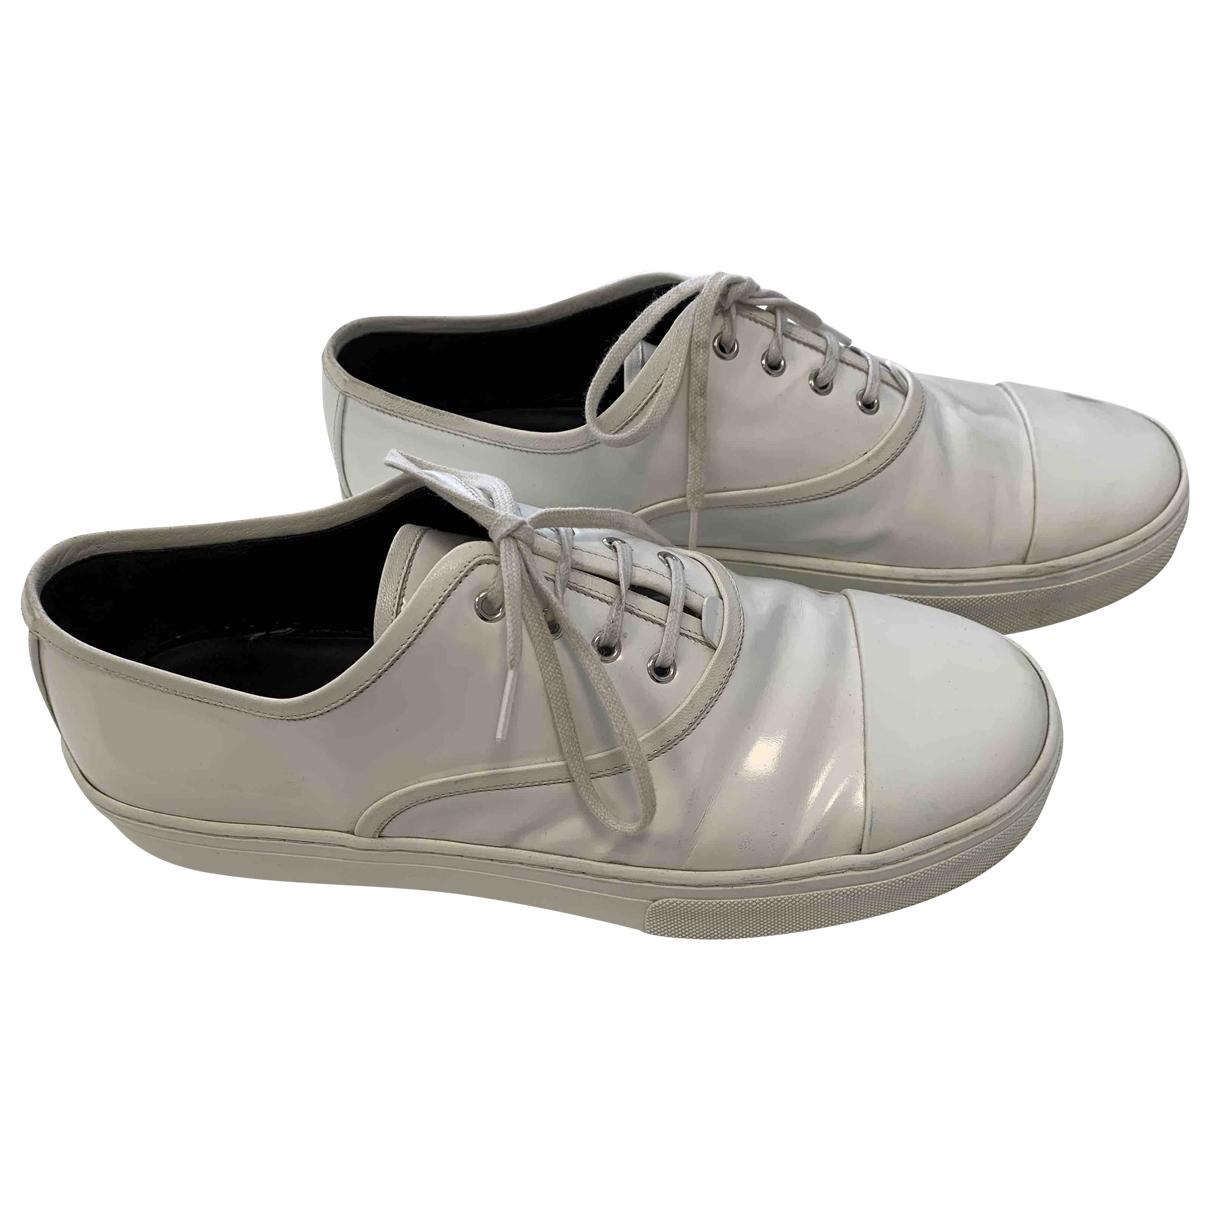 Celine \N Sneakers in  Weiss Lackleder